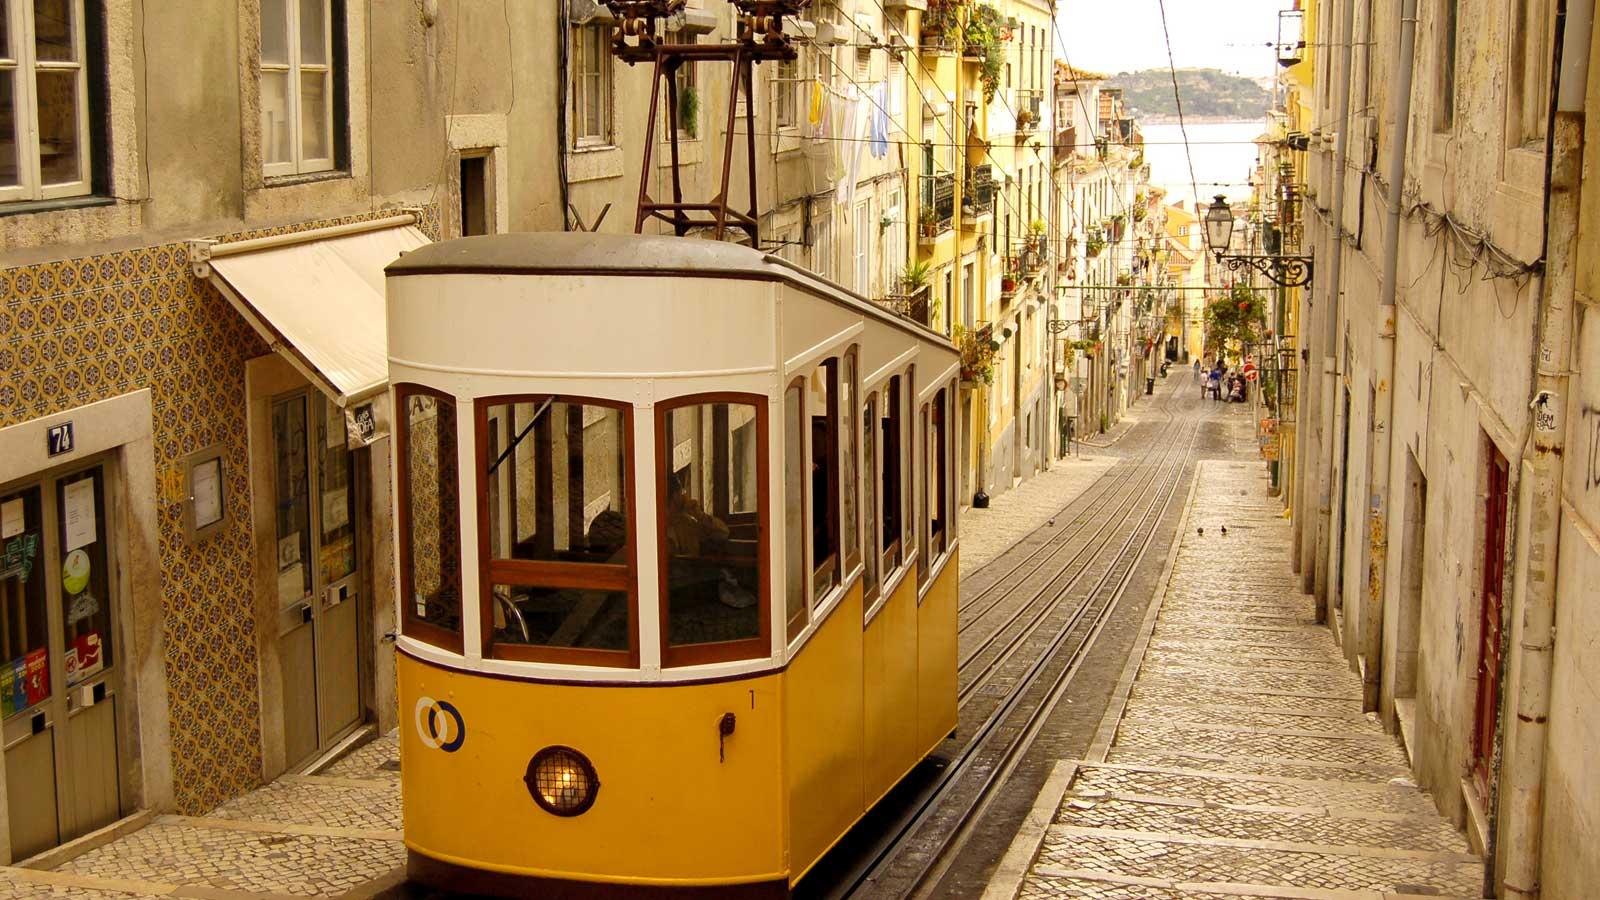 Primeira pesquisa de hotéis em Lisboa, Portugal